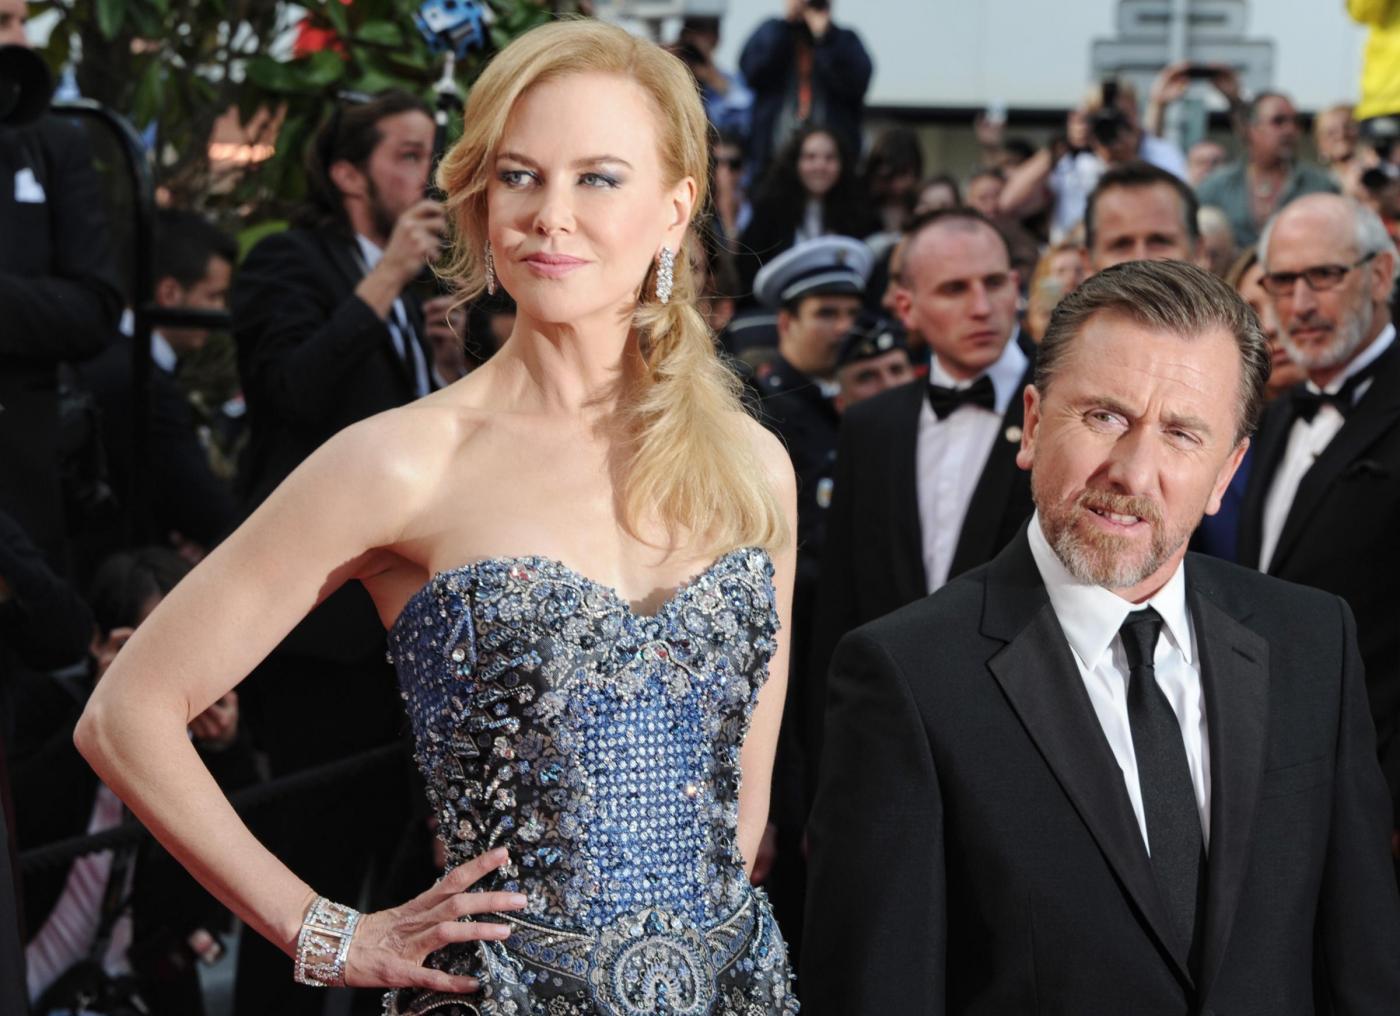 Festival di Cannes 2014, il red carpet: celebrità e vip sulla Croisette